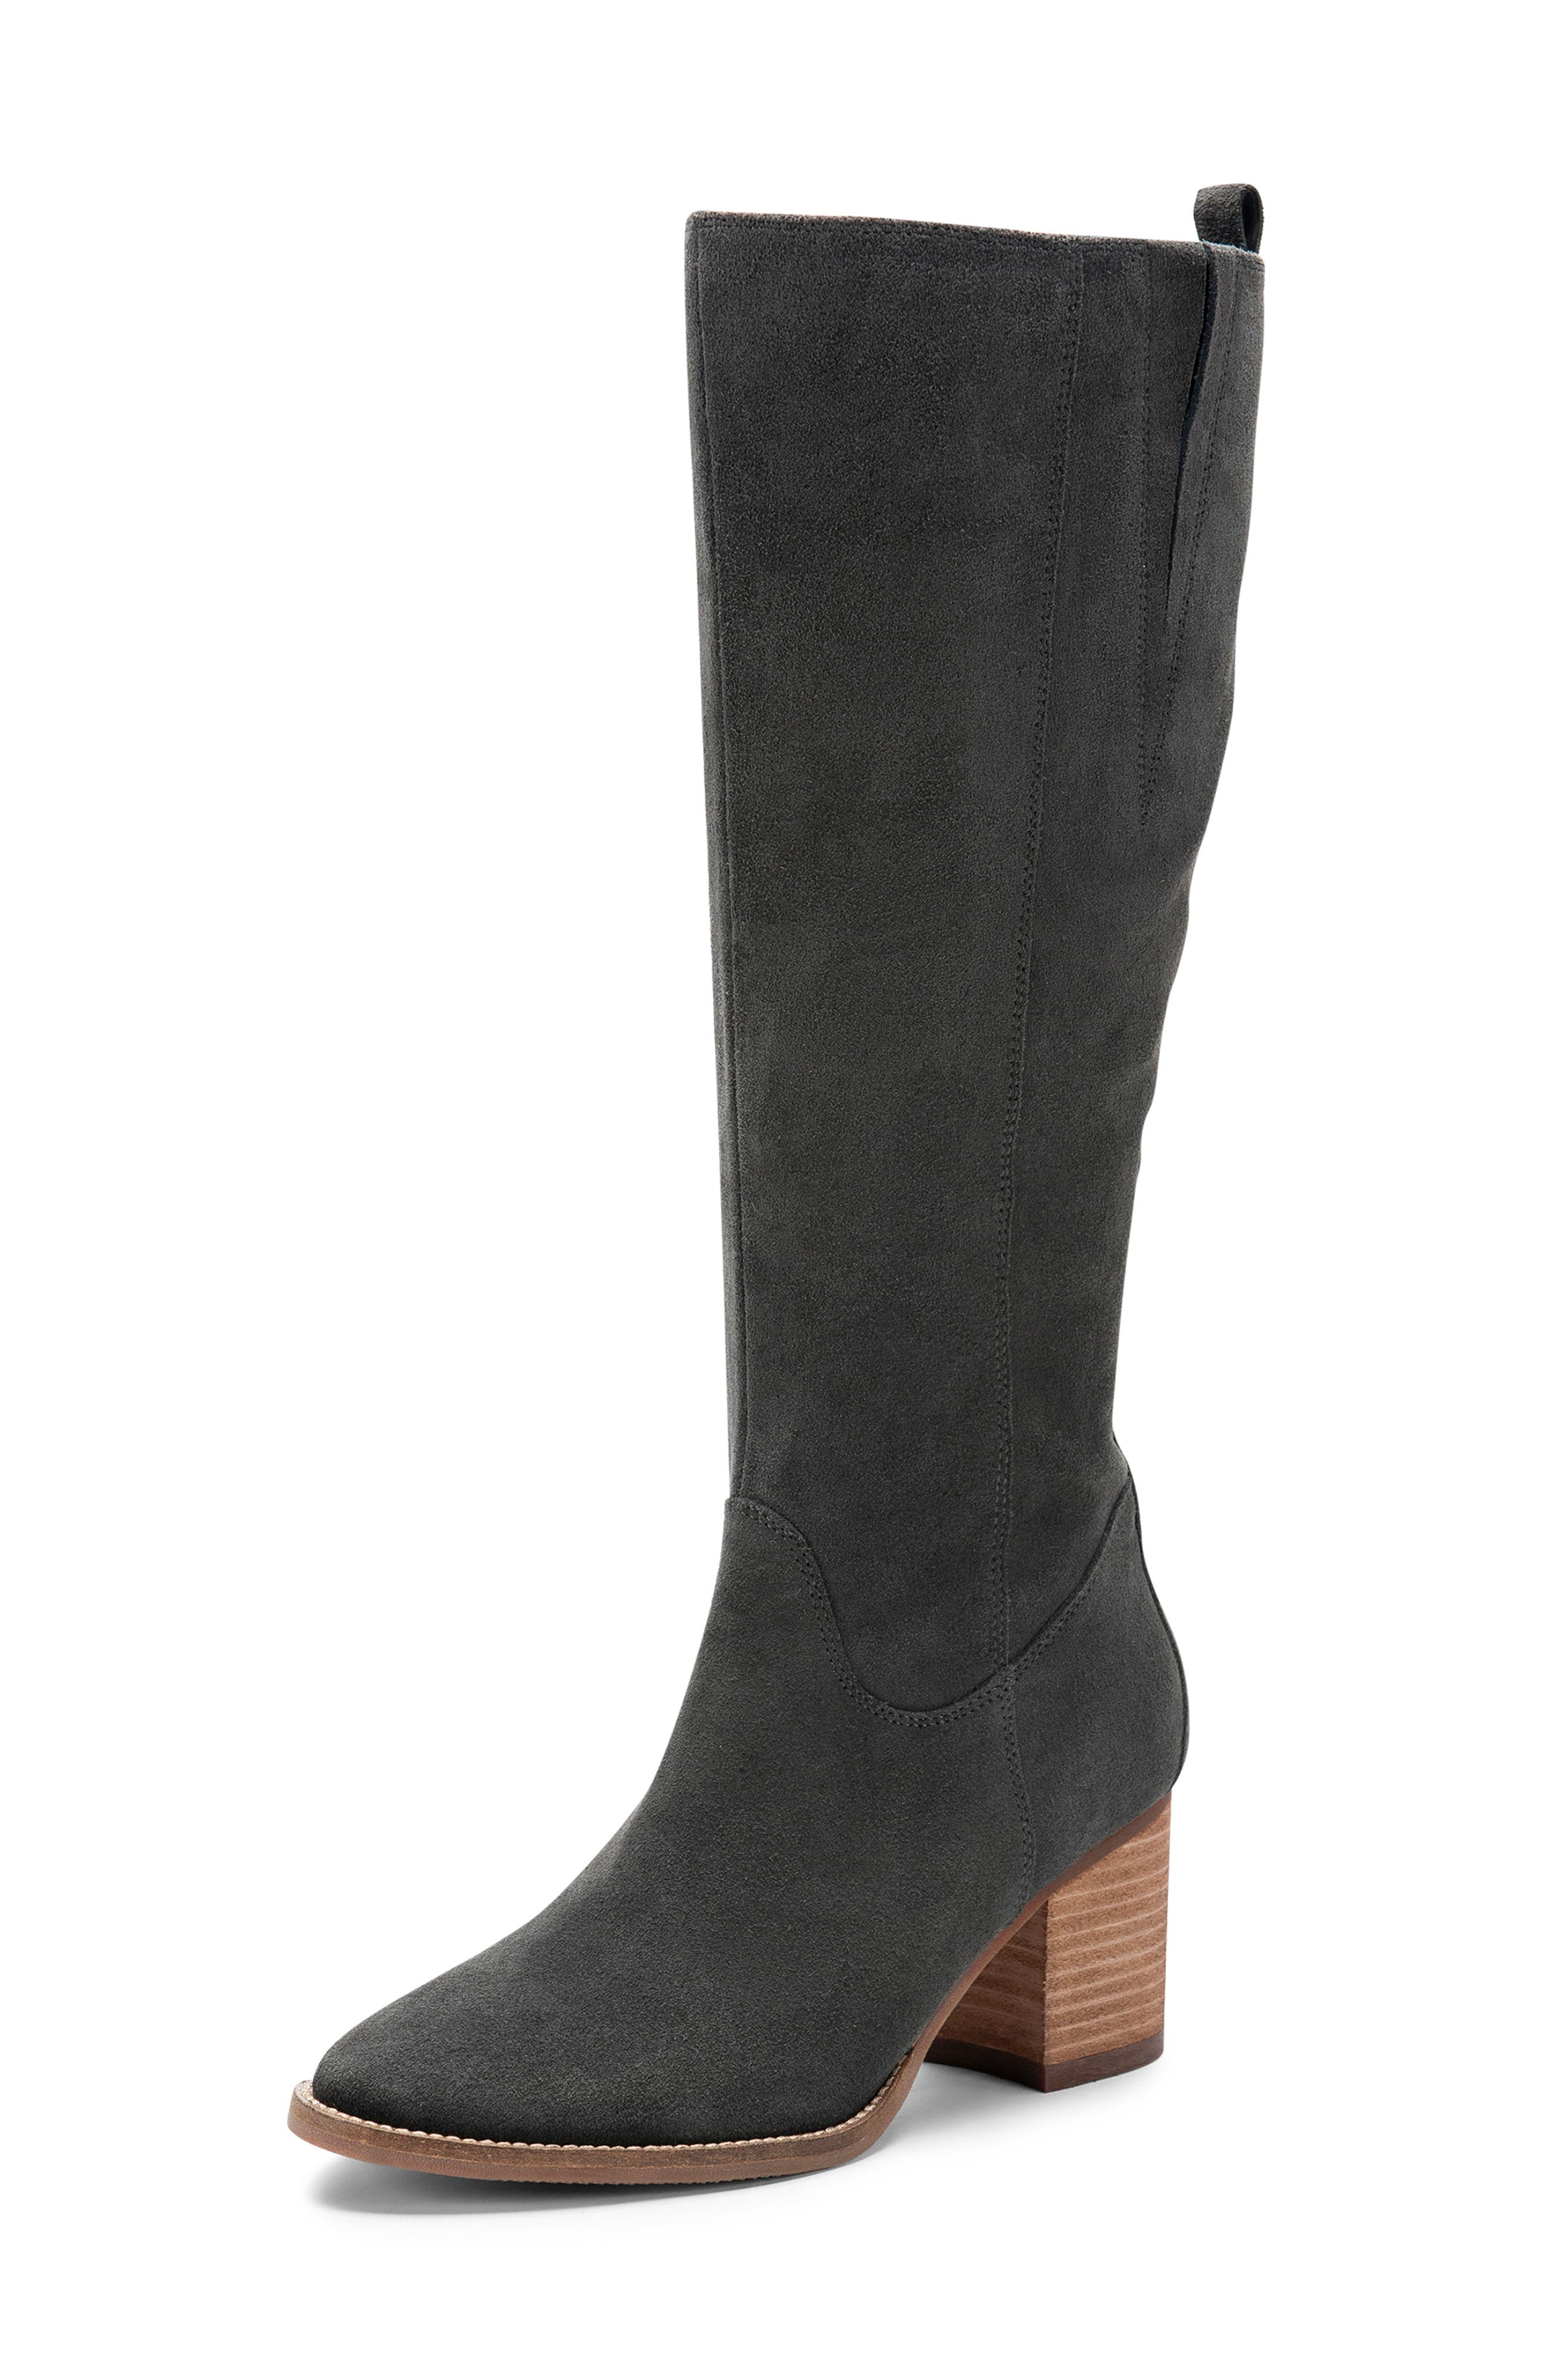 BLONDO, Nikki Waterproof Knee High Waterproof Boot, Alternate thumbnail 7, color, DARK GREY SUEDE